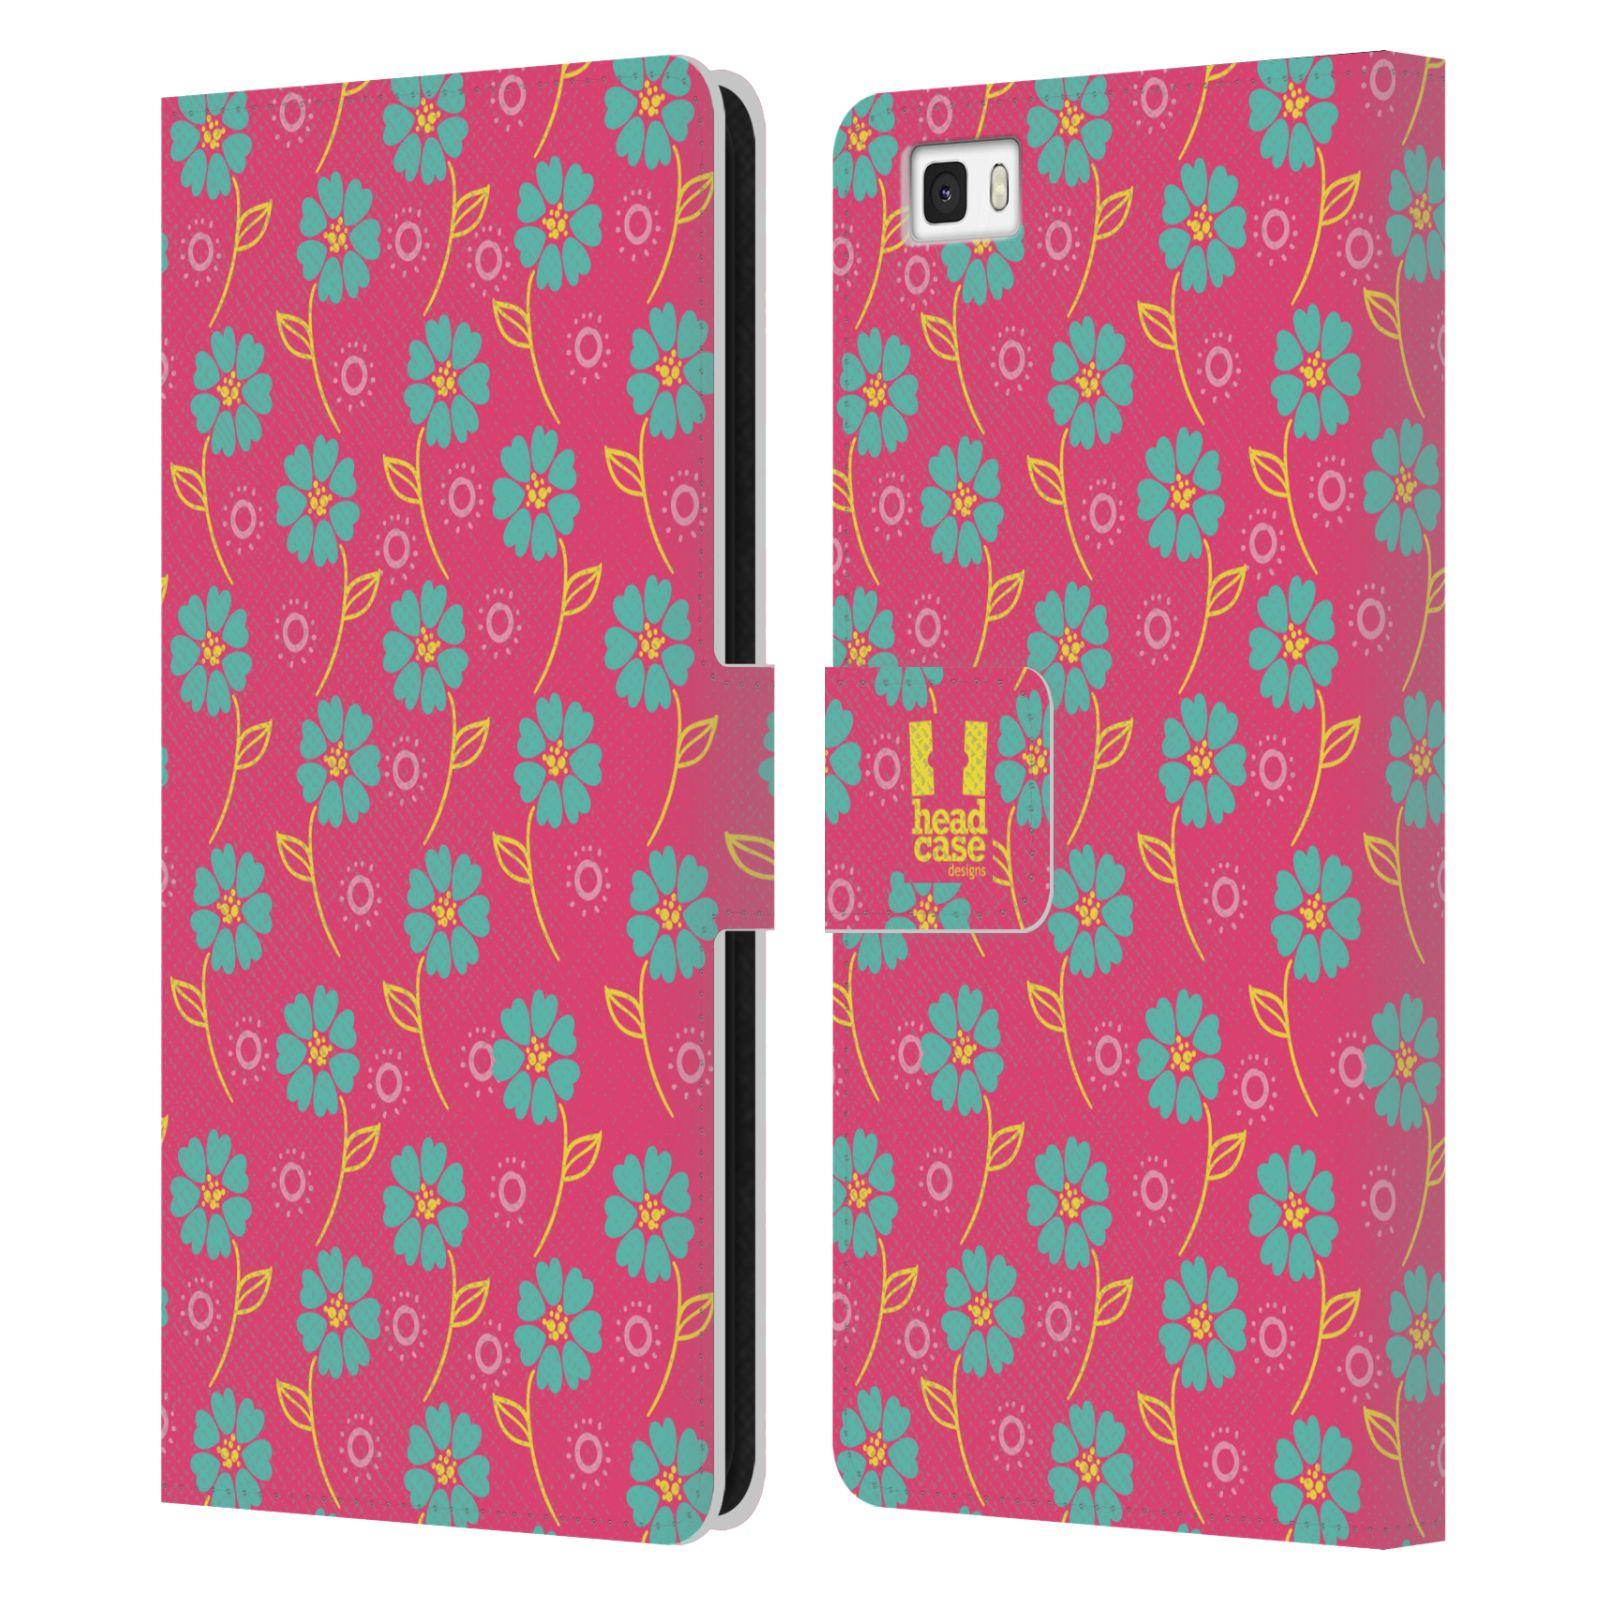 HEAD CASE Flipové pouzdro pro mobil Huawei P8 LITE Slovanský vzor růžová a modrá květiny